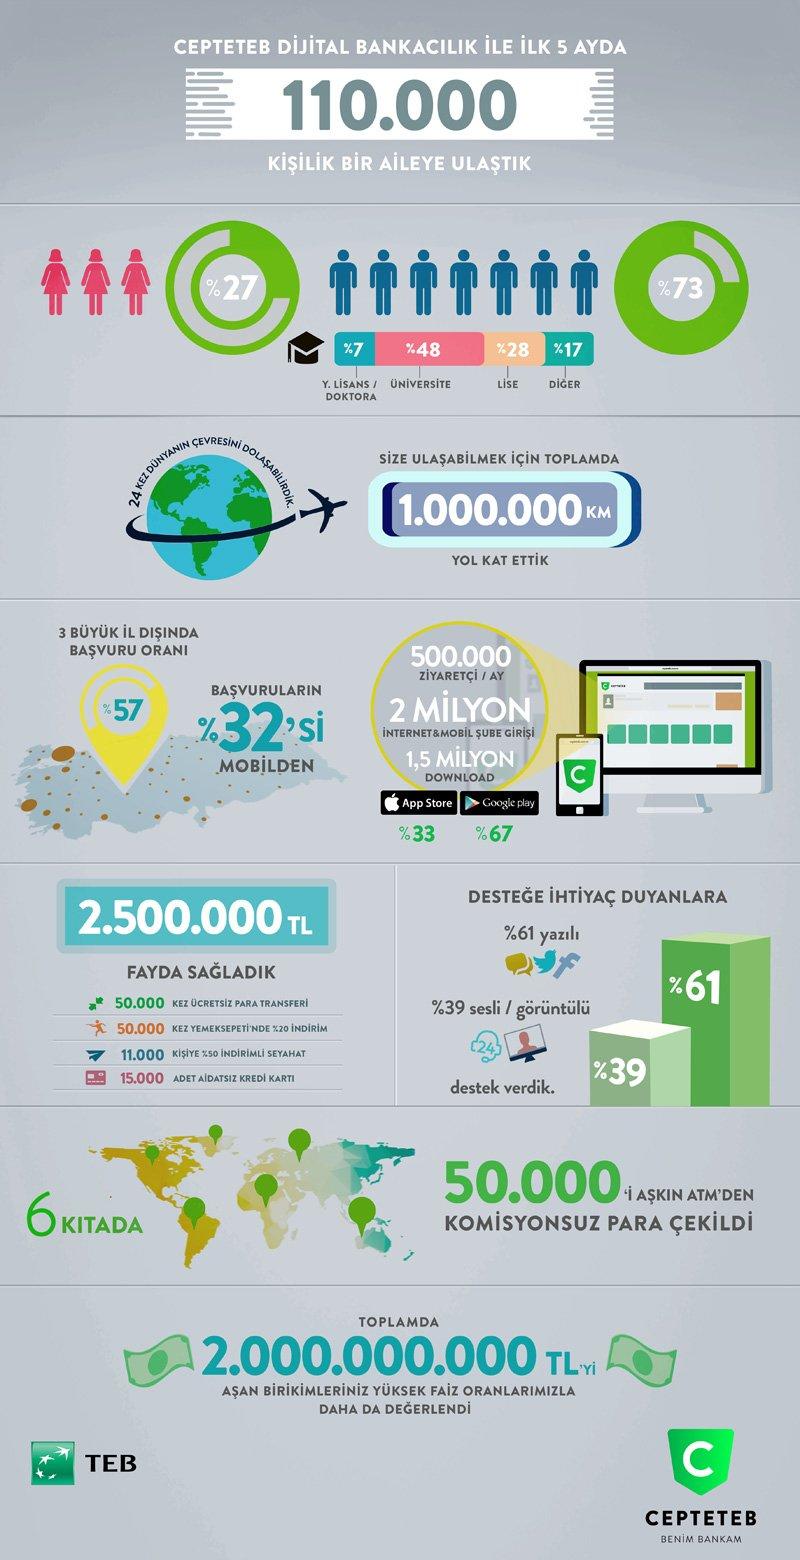 infographic-CEPTETEB